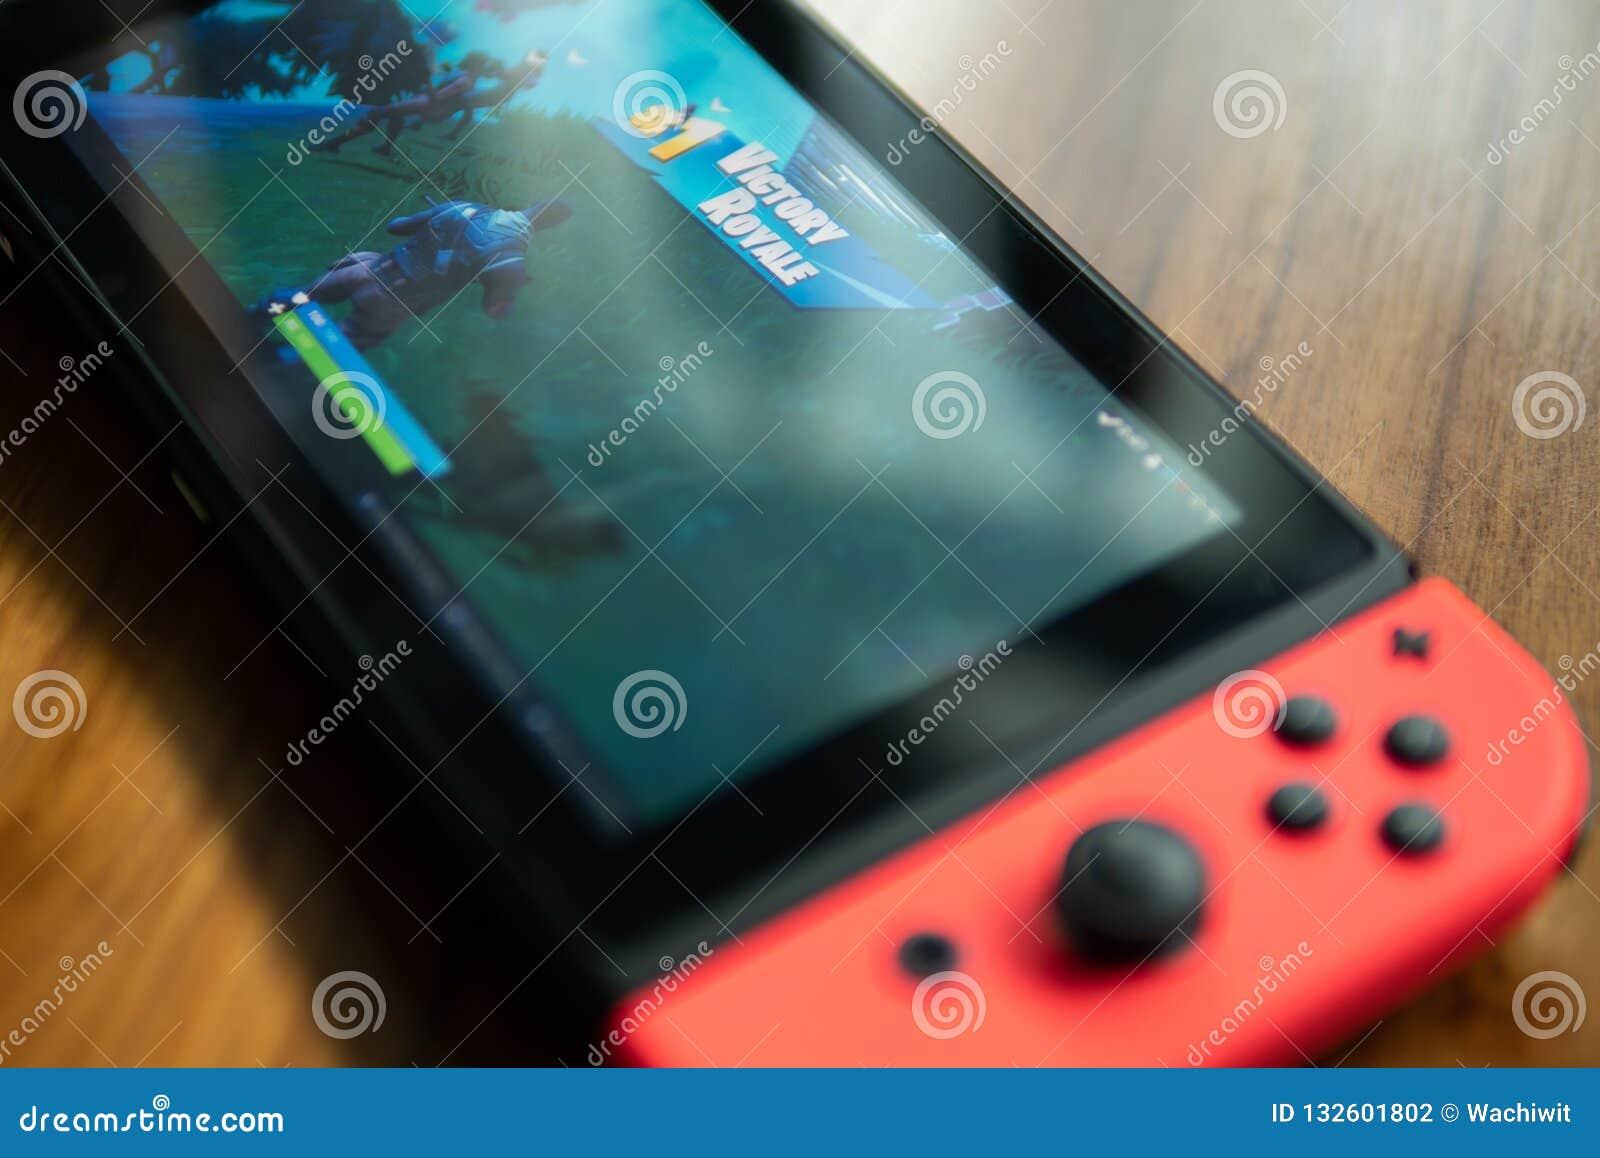 Nintendo-Schalter mit Fortnite-Spiel